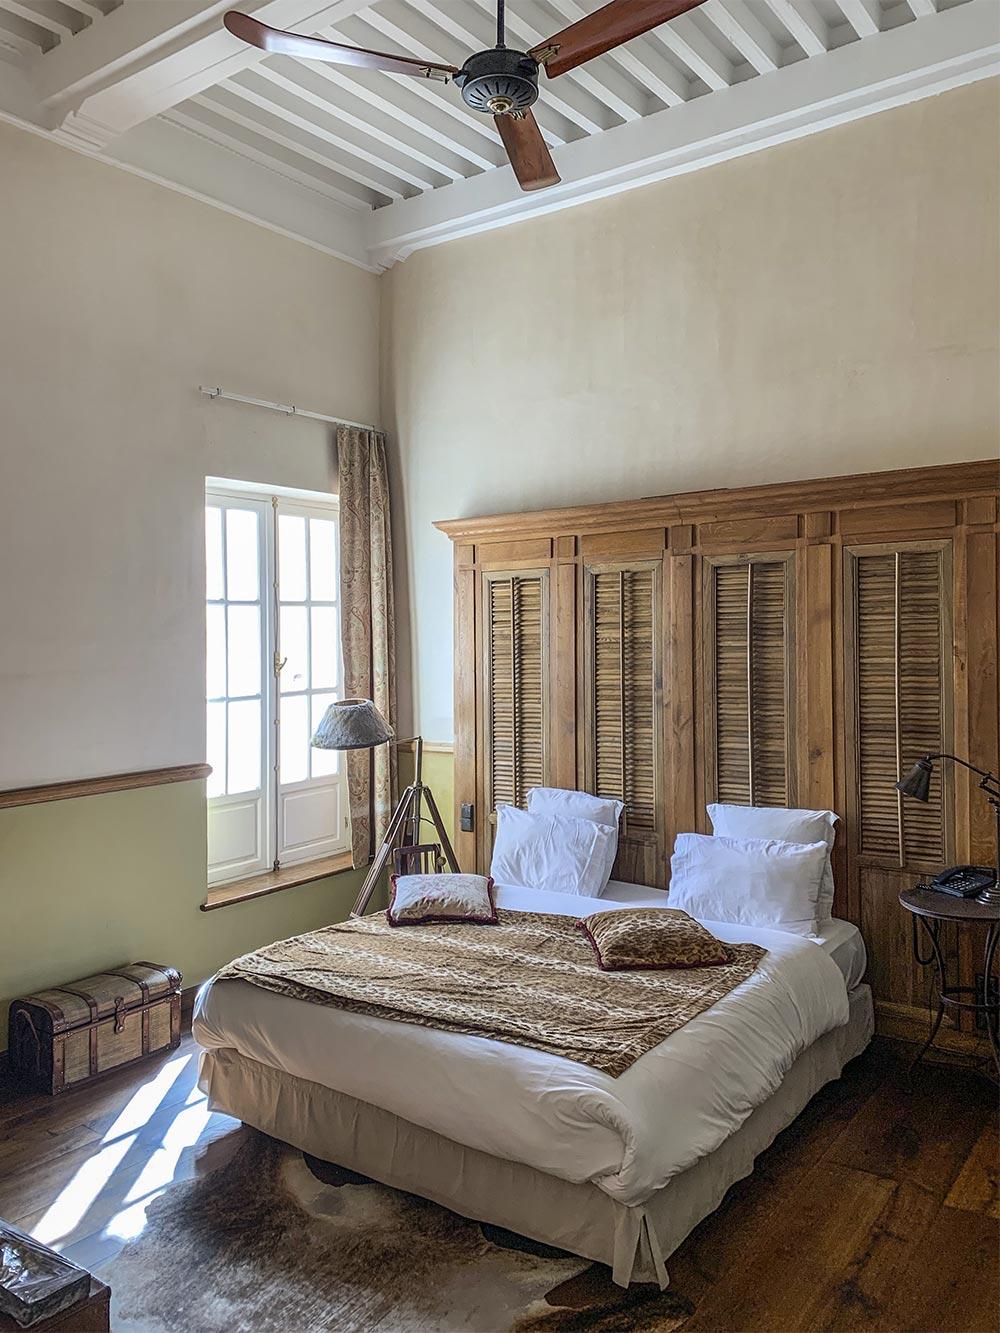 Mit Leopardendecke bezogenes Bett vor einem Schrank, links ein helles fenster, oben ein Ventilator